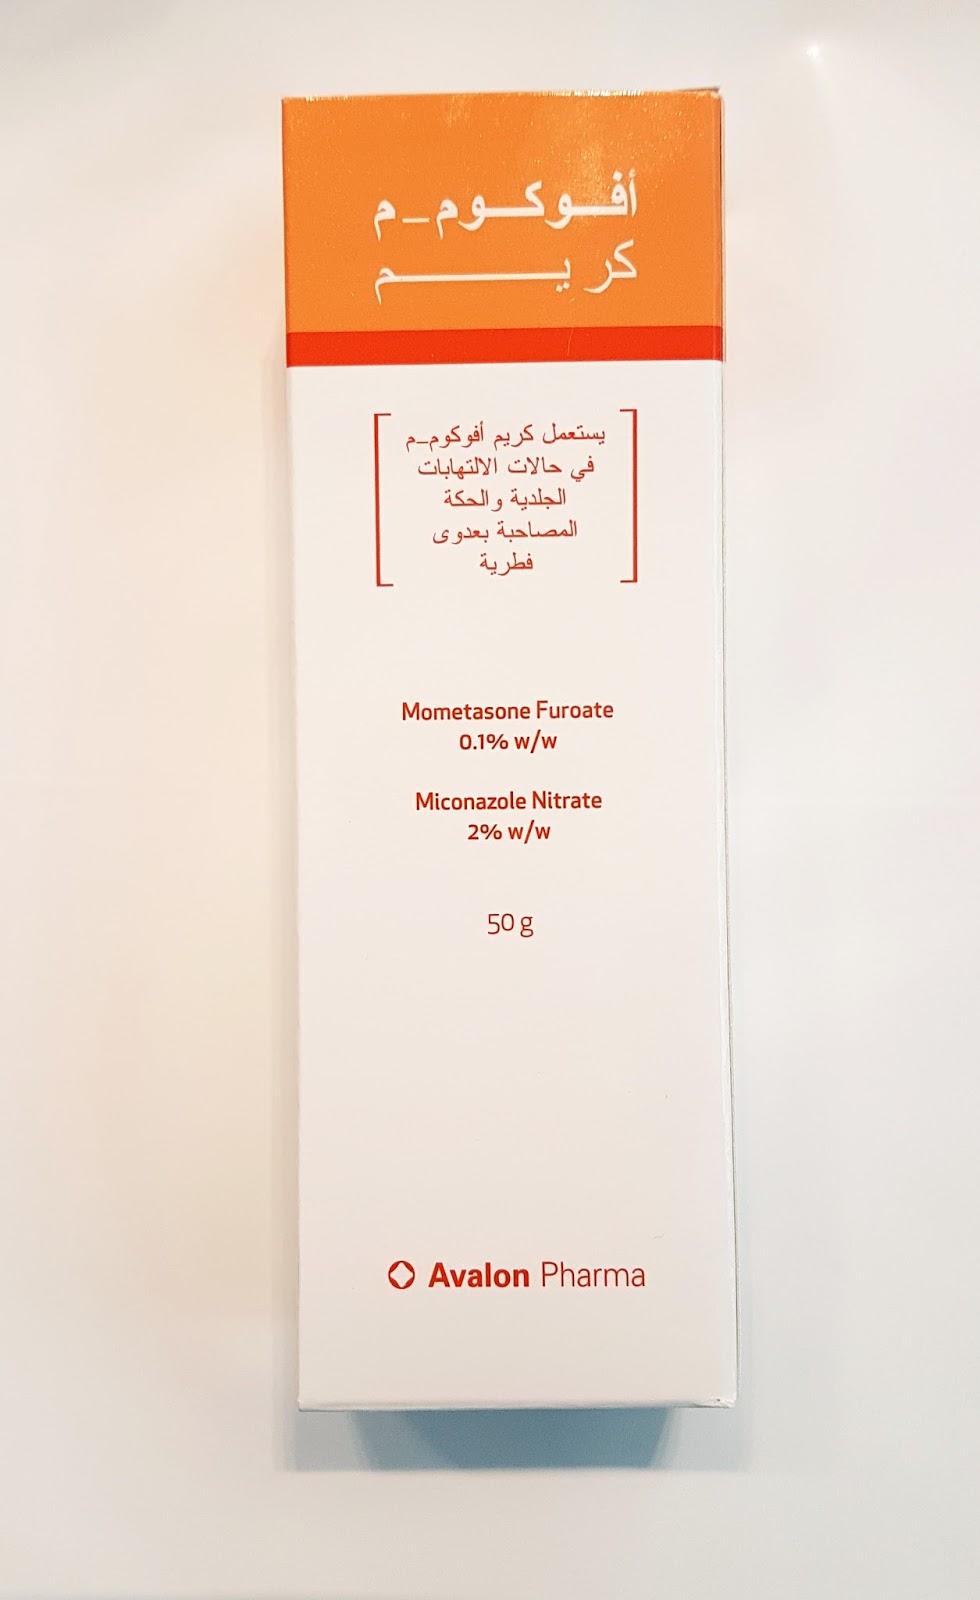 تقرير عن كريم افوكوم واستعمالاته المتنوعه المرسال